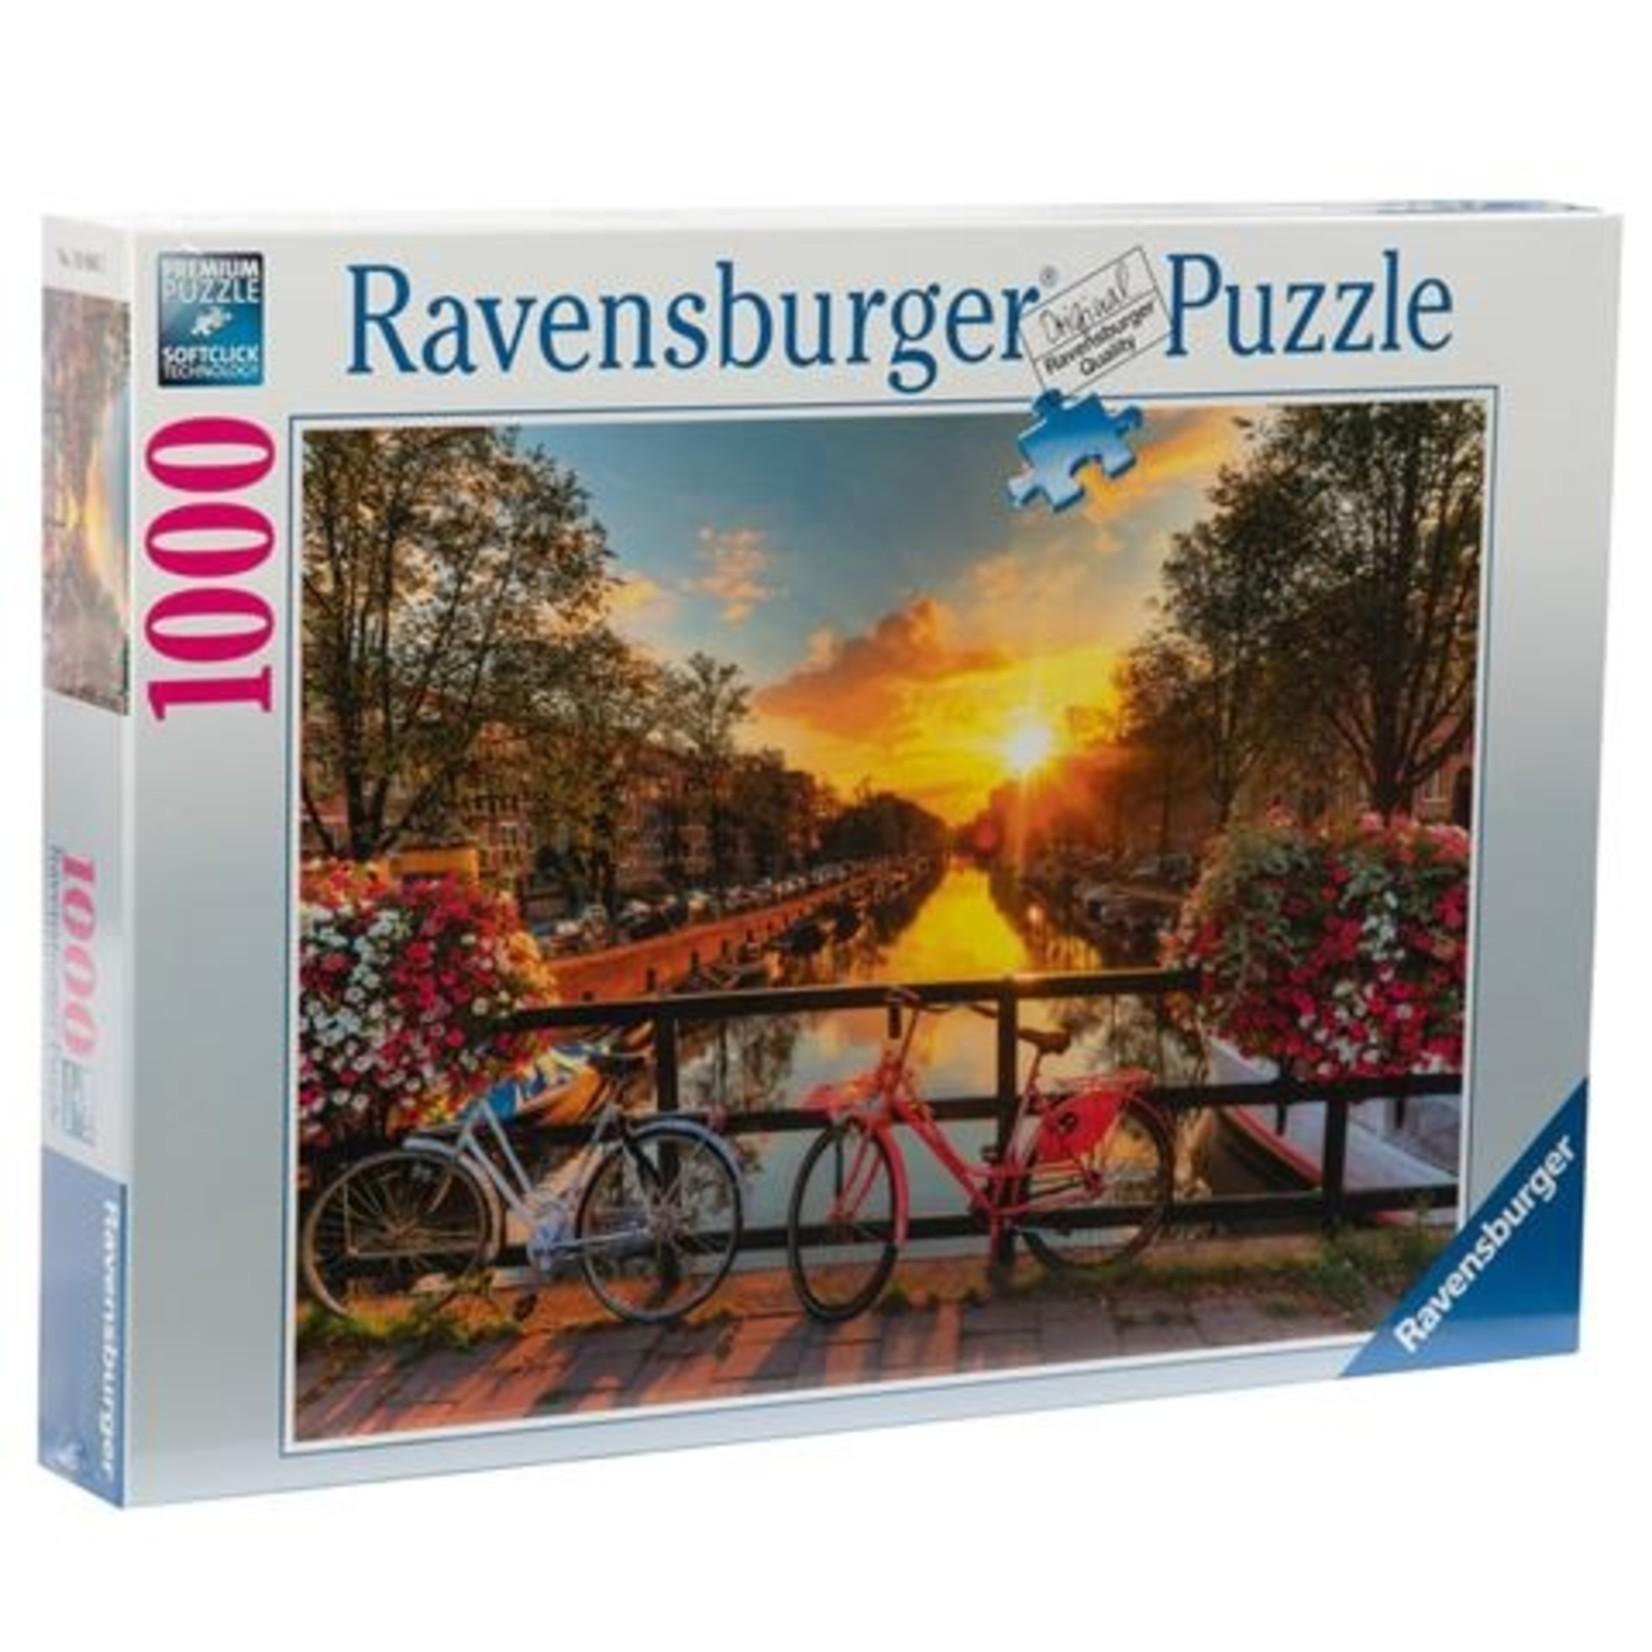 Ravensburger Puzzle 1000 piece